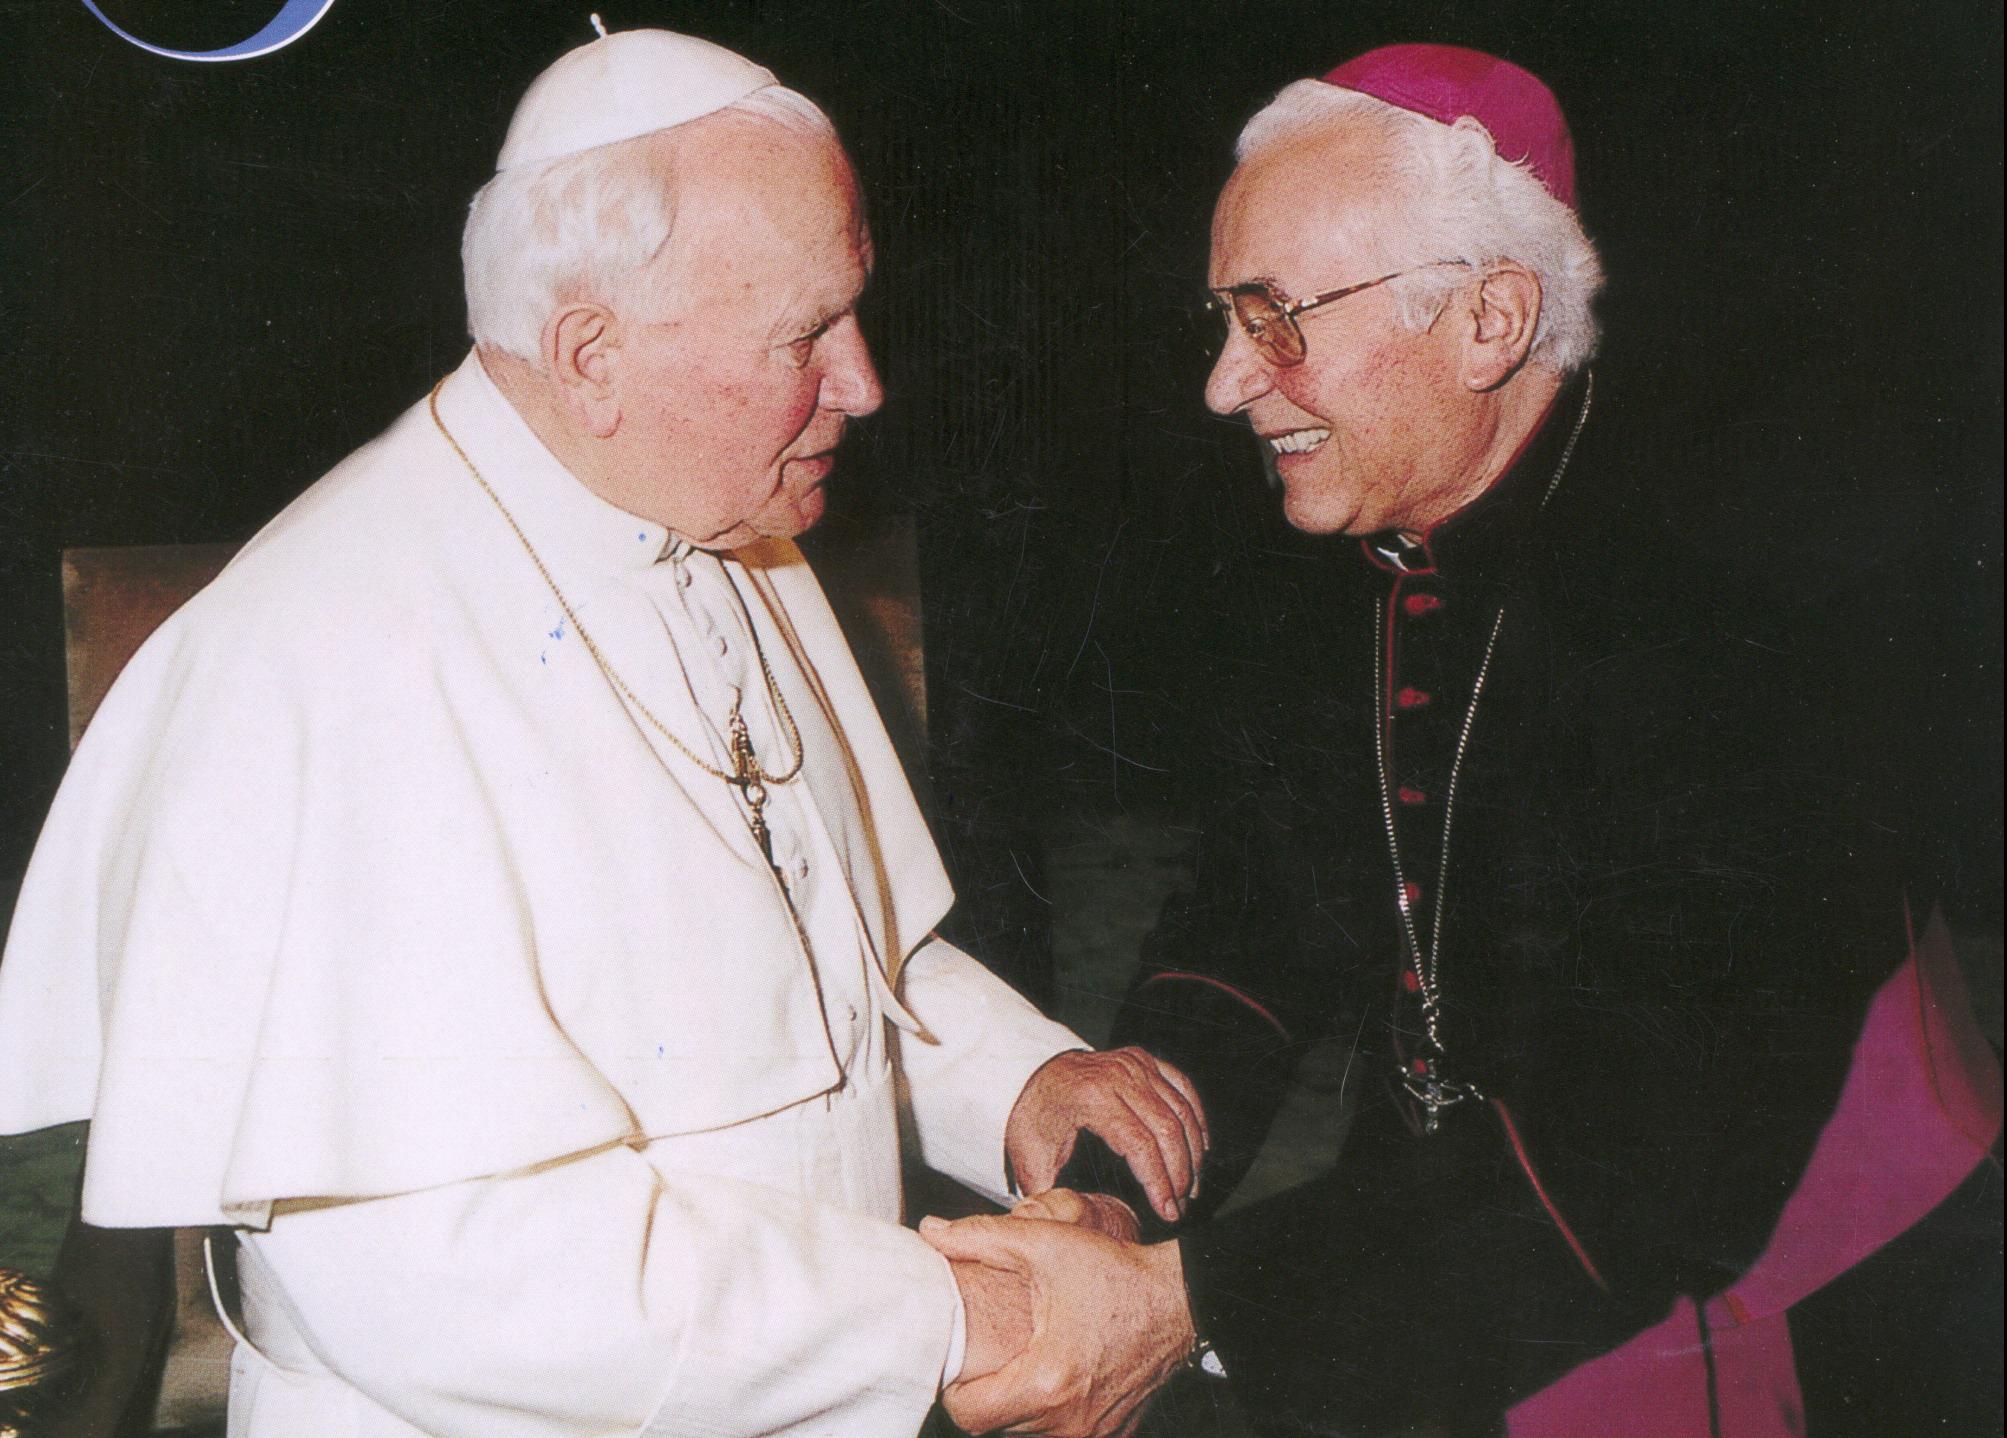 http://www.tonyassante.com/baglioni/2004/fausta2/ilfaustino/renzo/hnlica/1.jpg